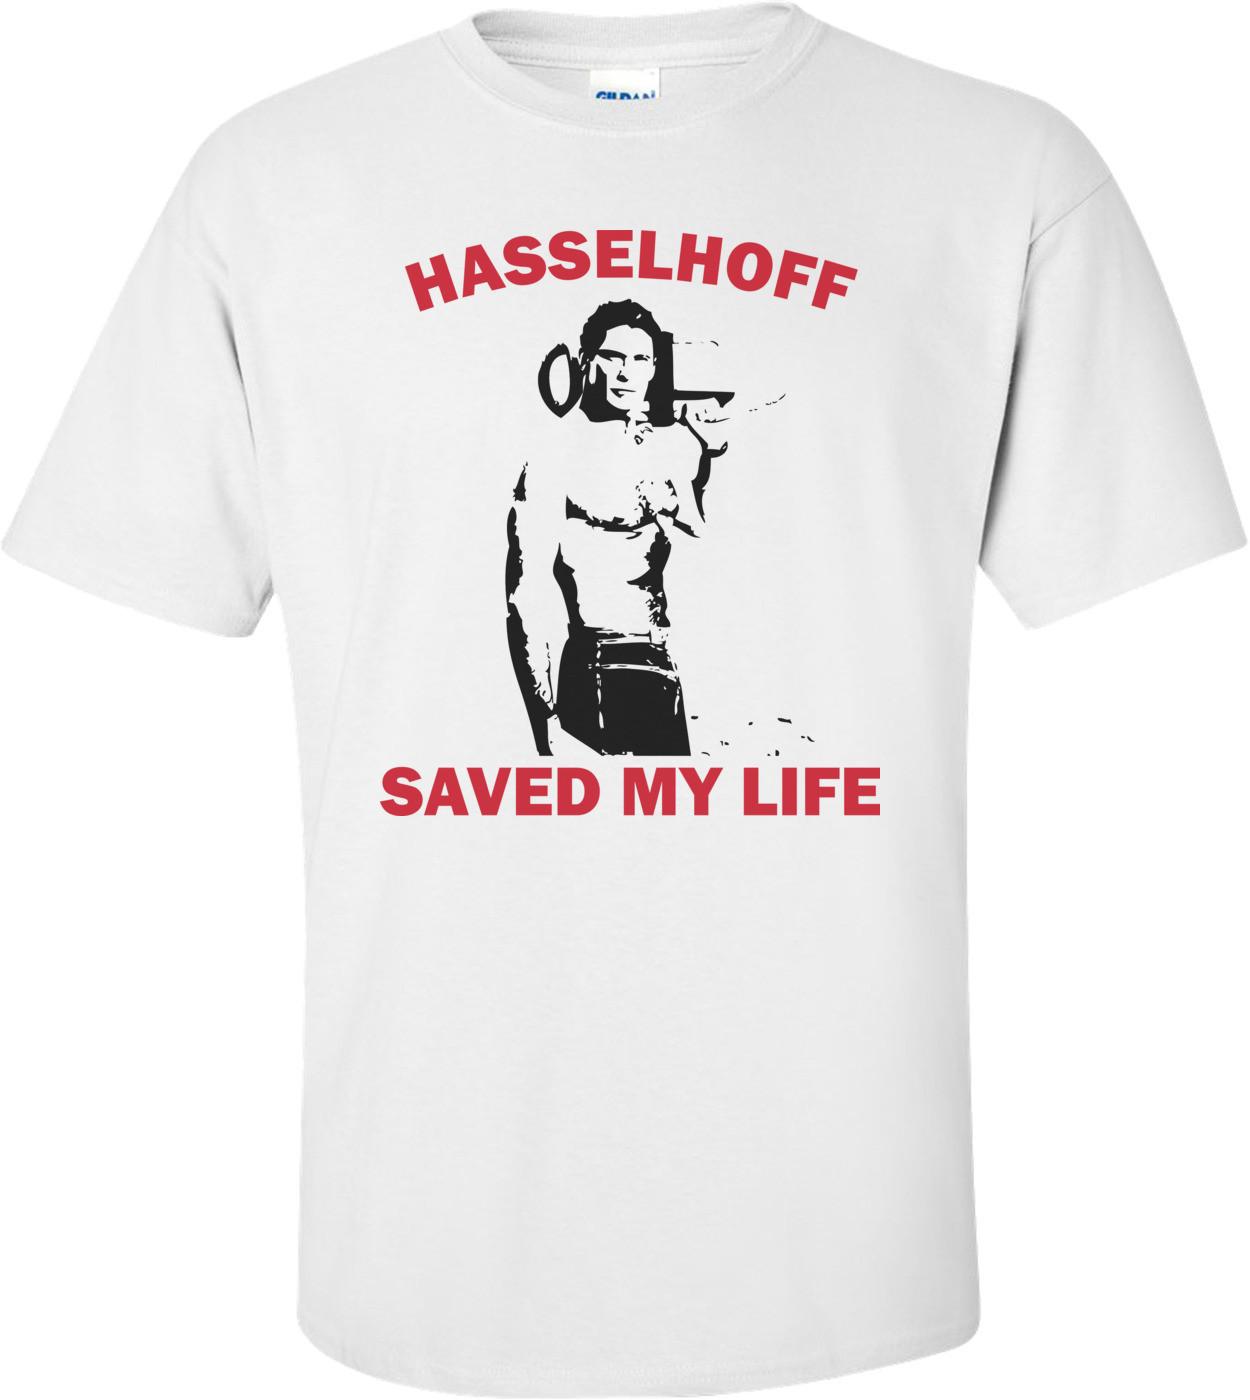 Hasselhoff Saved My Life T-shirt